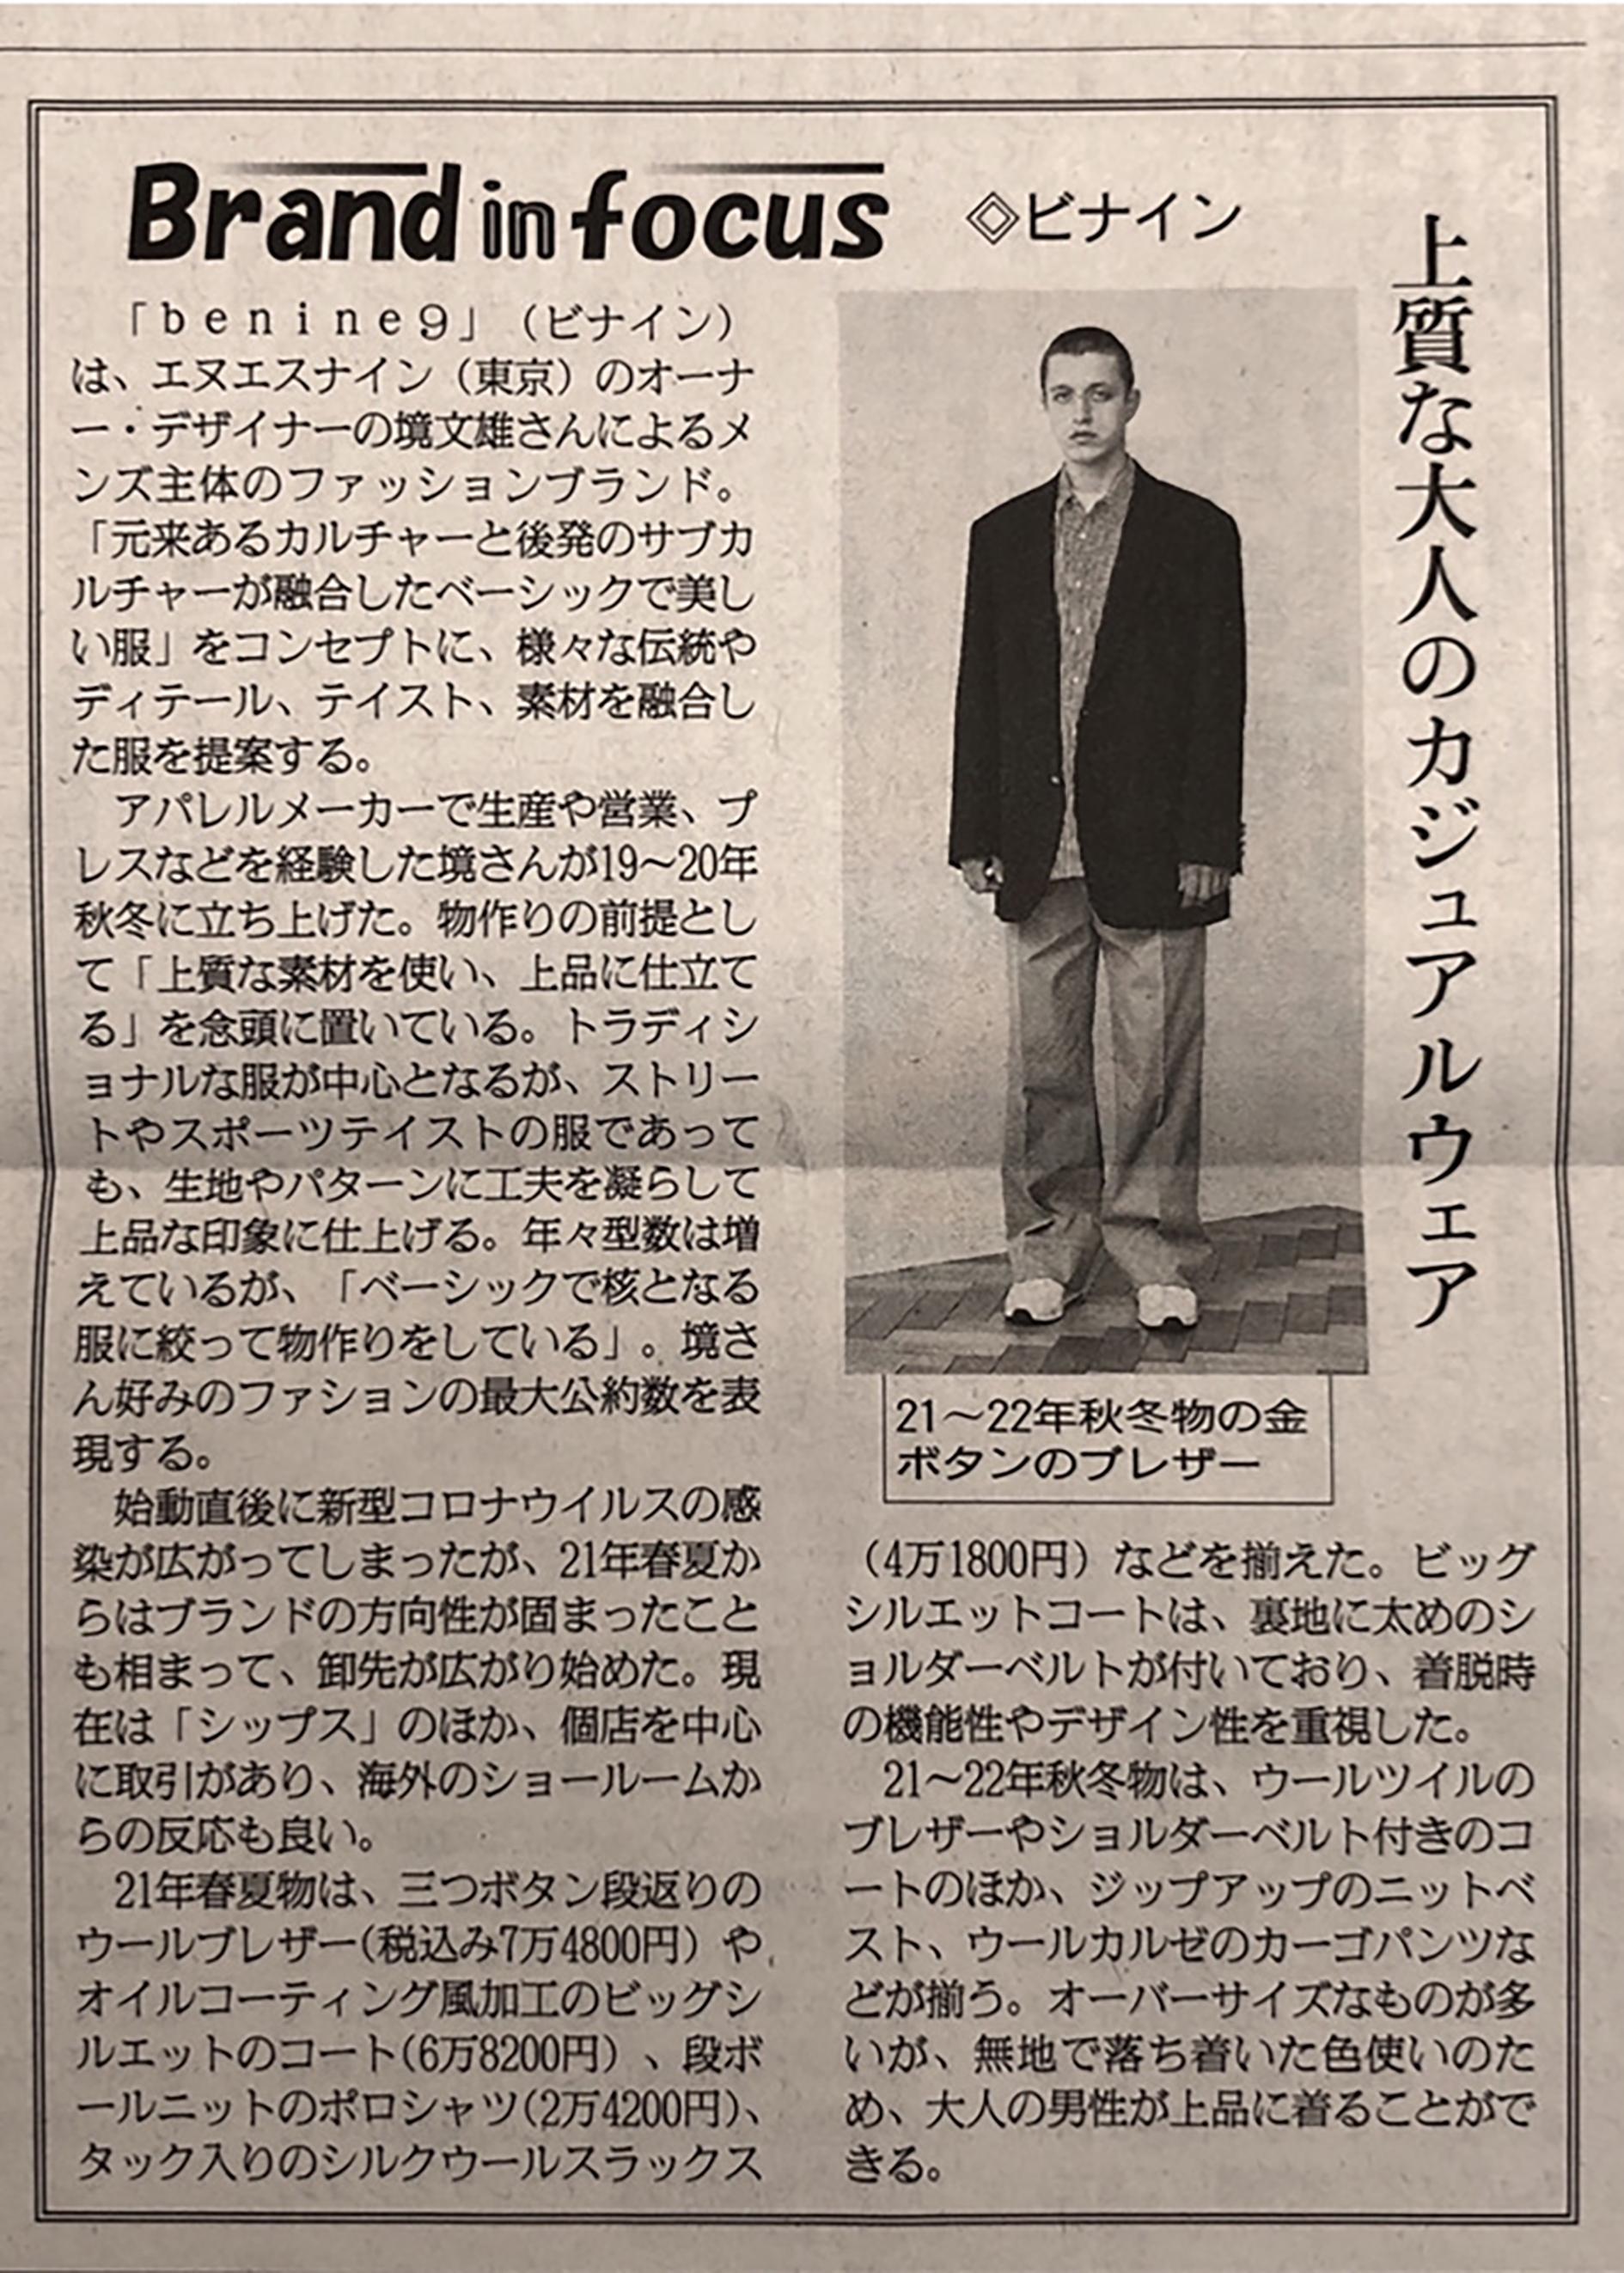 繊研新聞記事 benine 9 21-22A/W